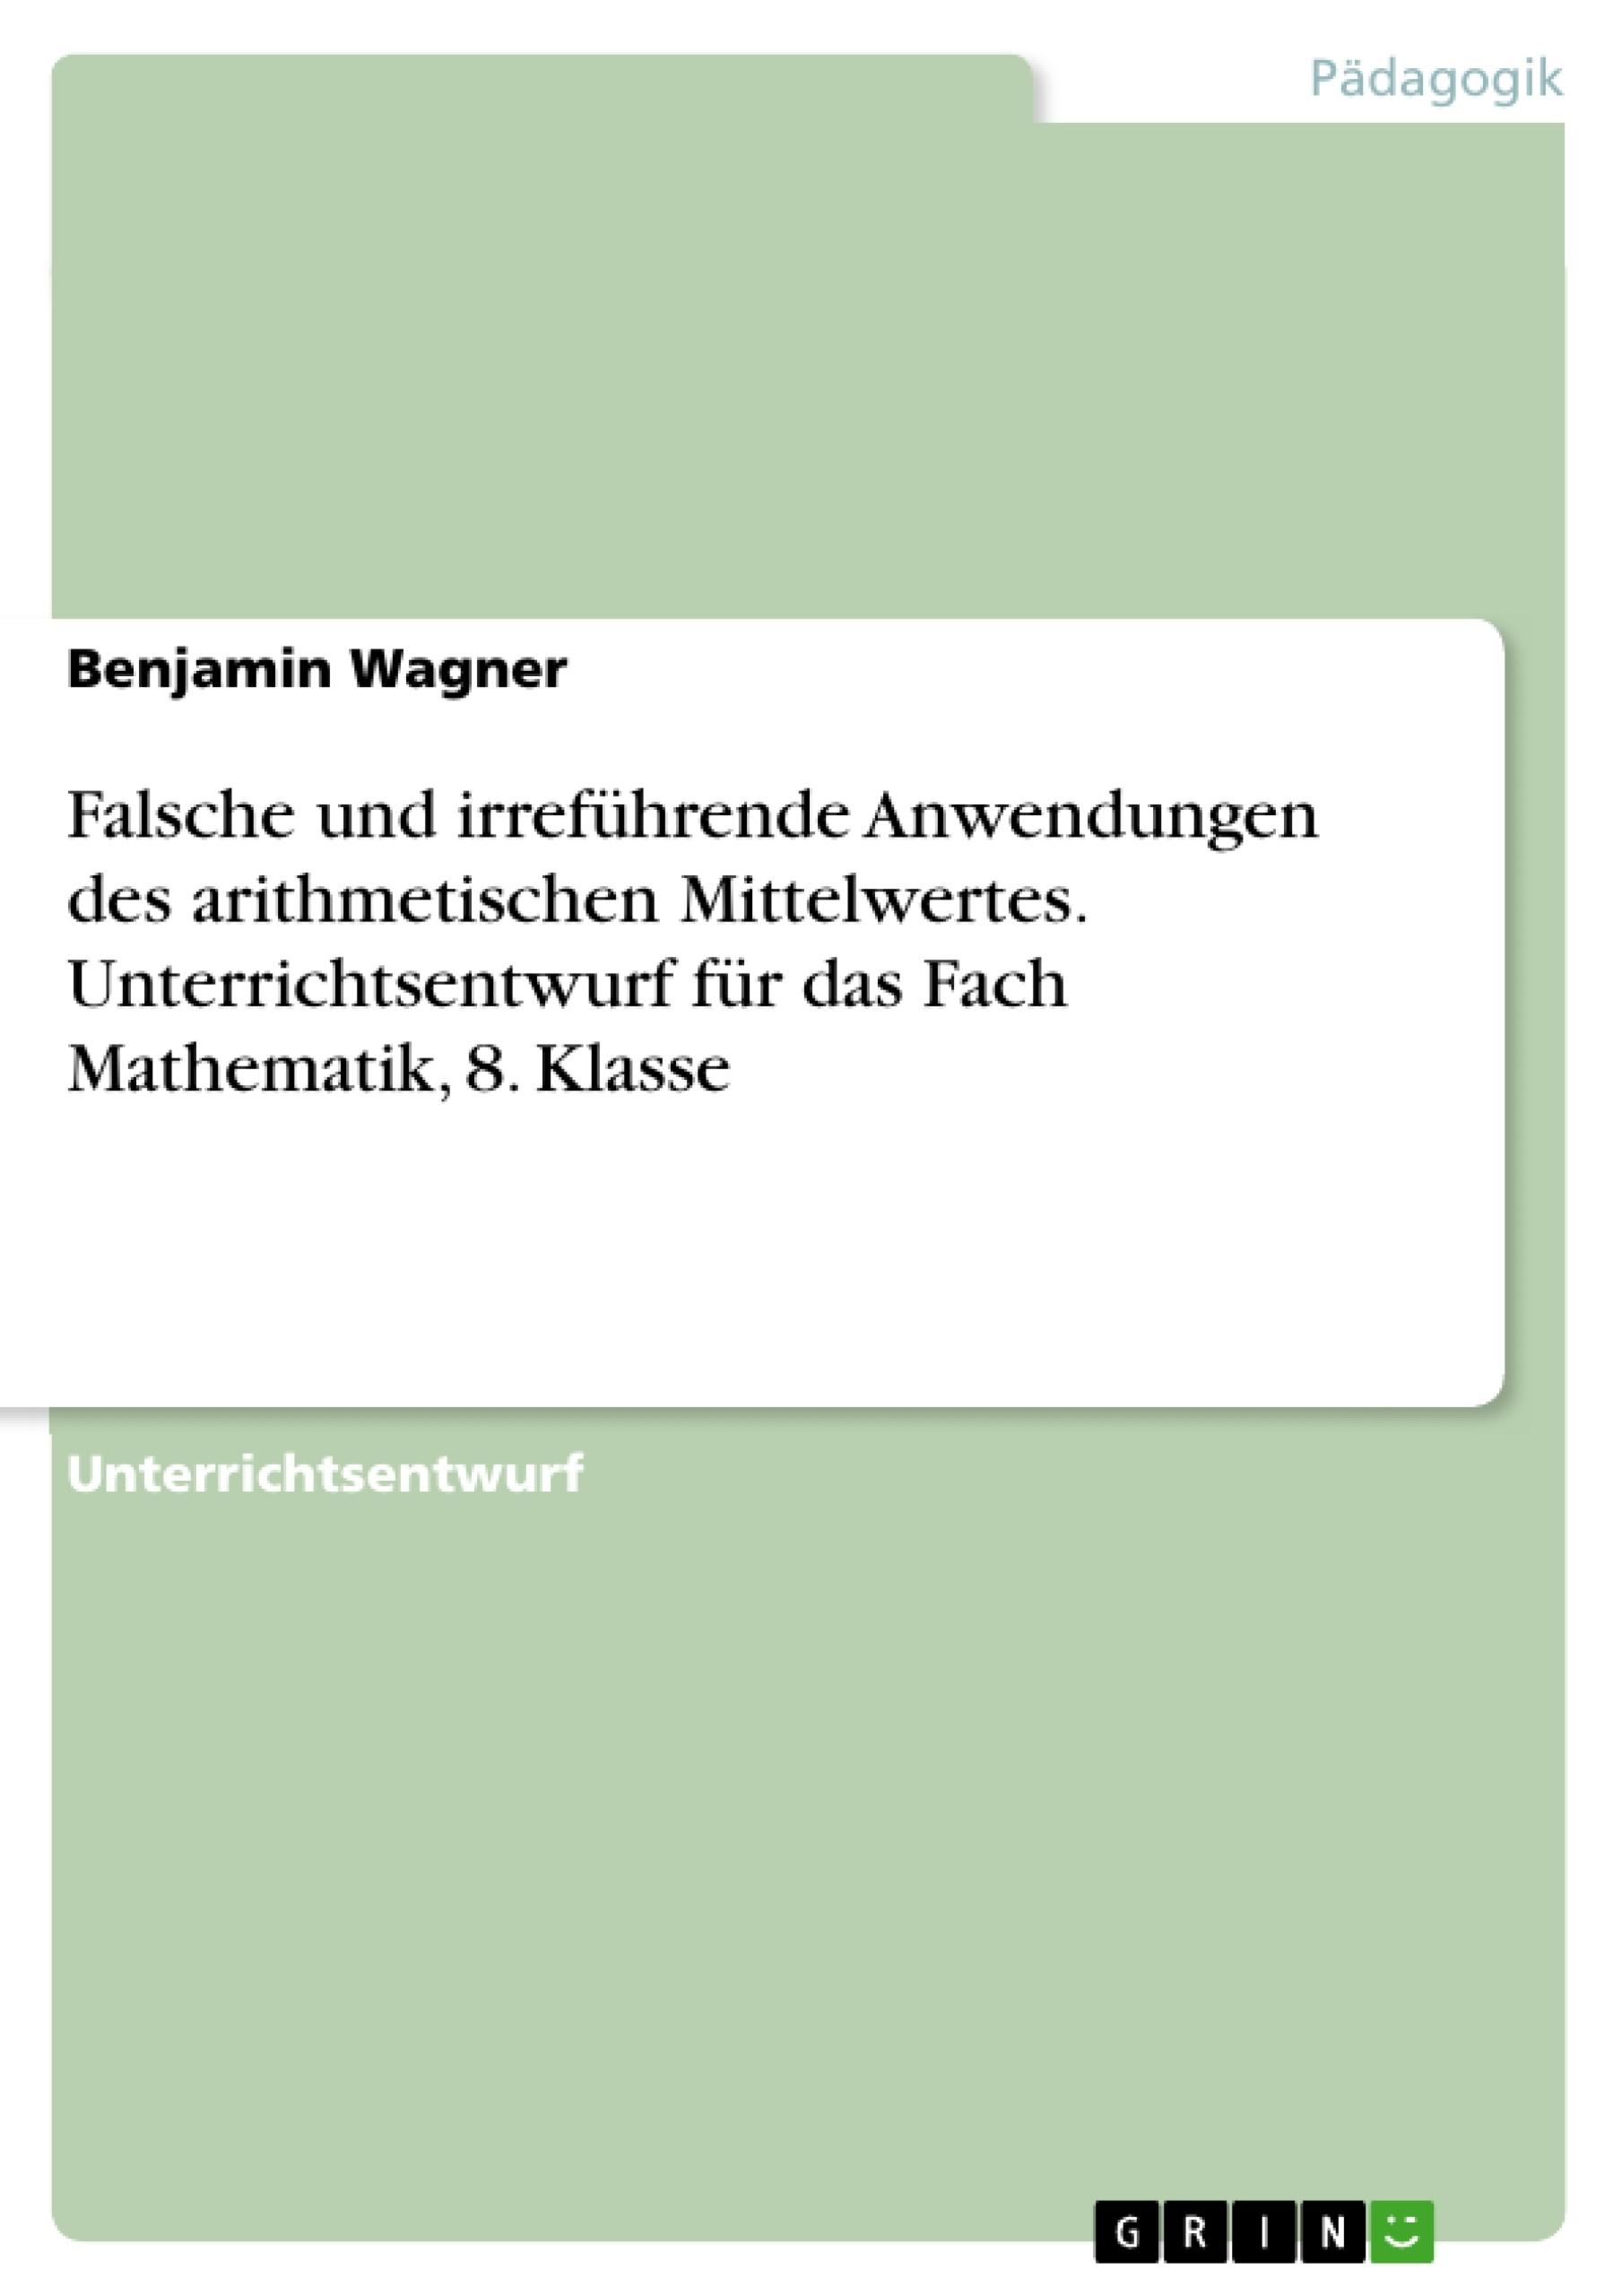 Titel: Falsche und irreführende Anwendungen des arithmetischen Mittelwertes. Unterrichtsentwurf für das Fach Mathematik, 8. Klasse